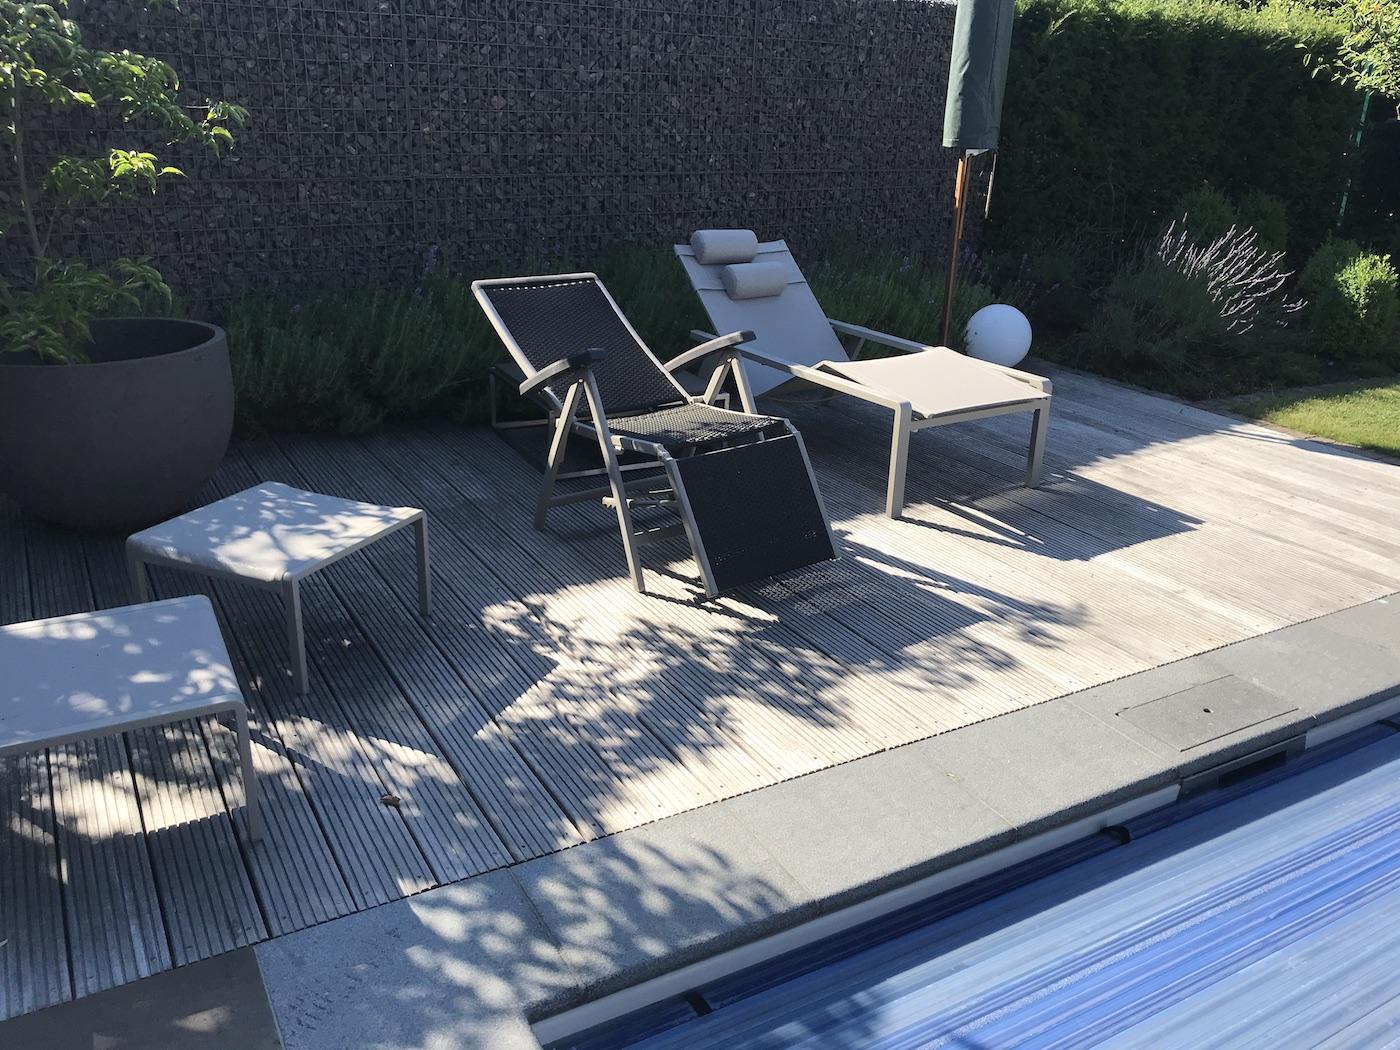 Full Size of Garten Mit Pool Mieten Und Feuerstelle Anlegen Haus Kaufen Neu Kosten Kleiner Gestalten Sauna Modern Nrw Um Bilder Frankfurt Stuttgart Berlin Kleinem Bett Wohnzimmer Garten Mit Pool